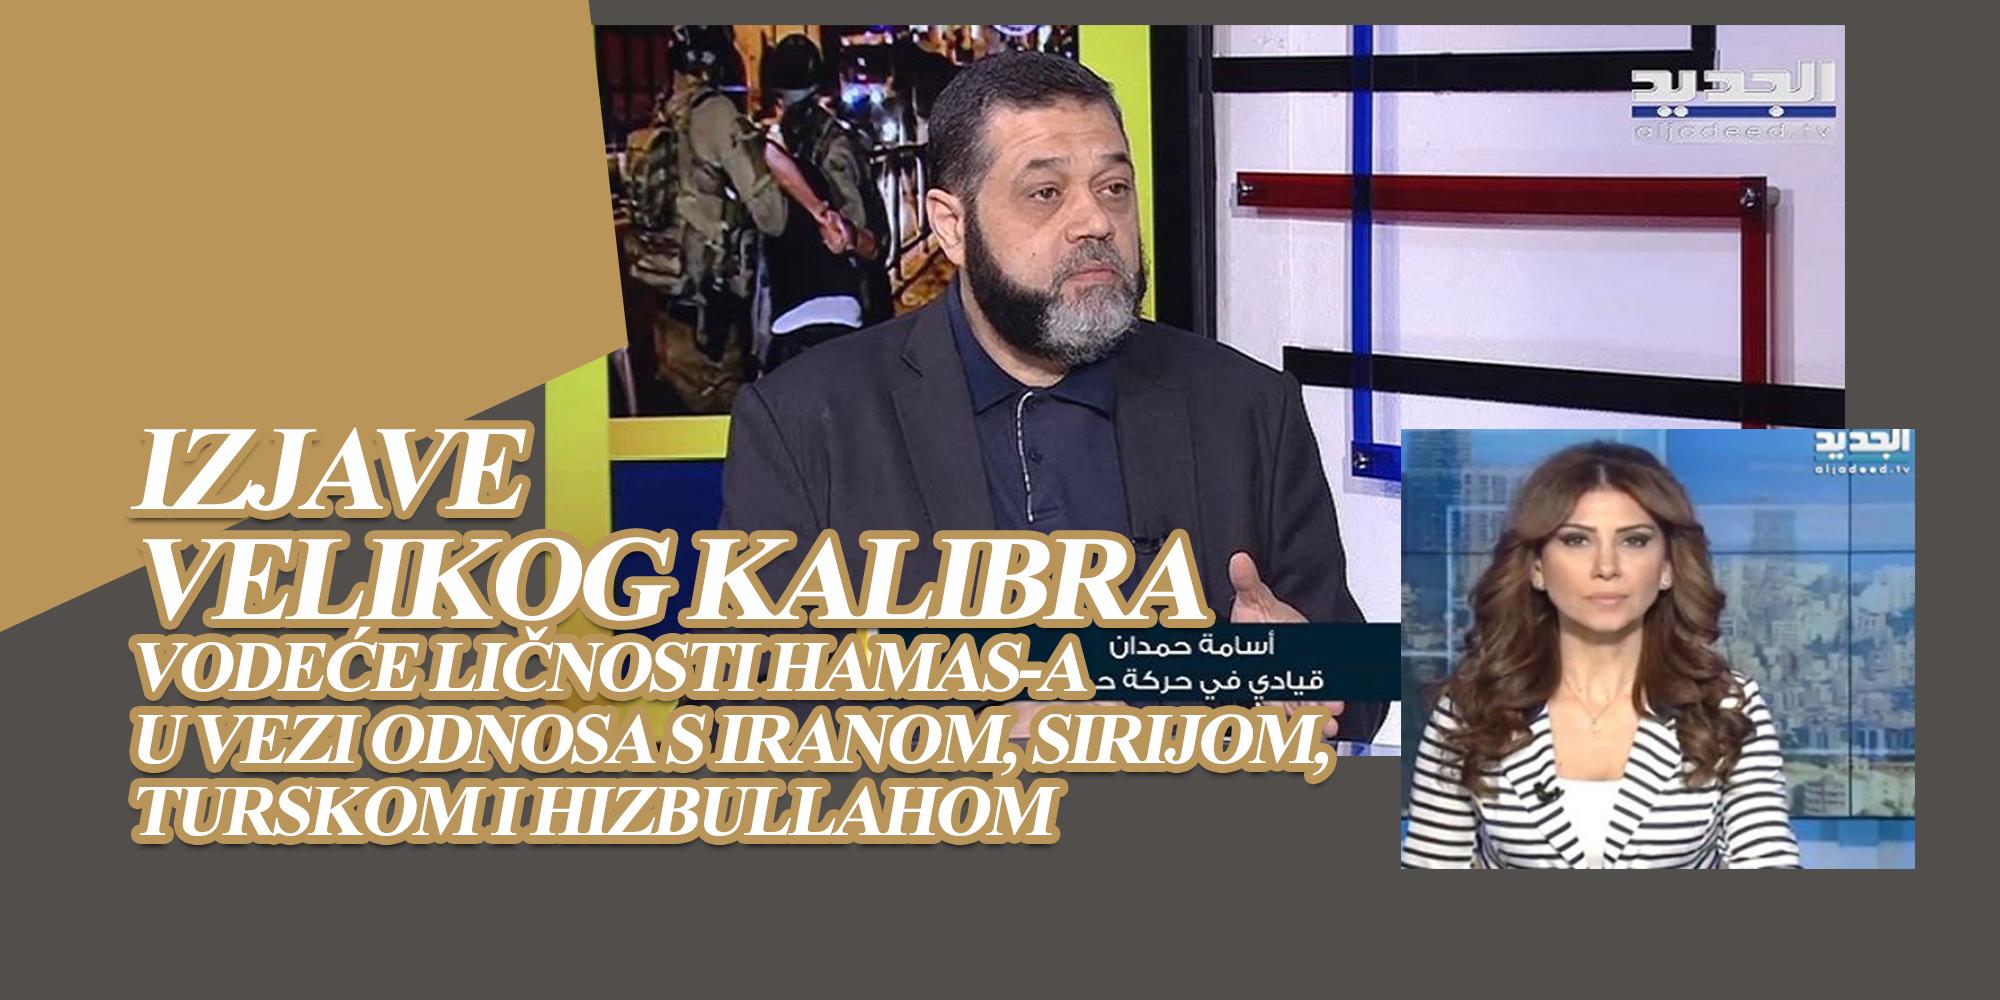 Izjave velikog kalibra vodeće ličnosti HAMAS-a u vezi odnosa s Iranom, Sirijom, Turskom i Hizbullahom